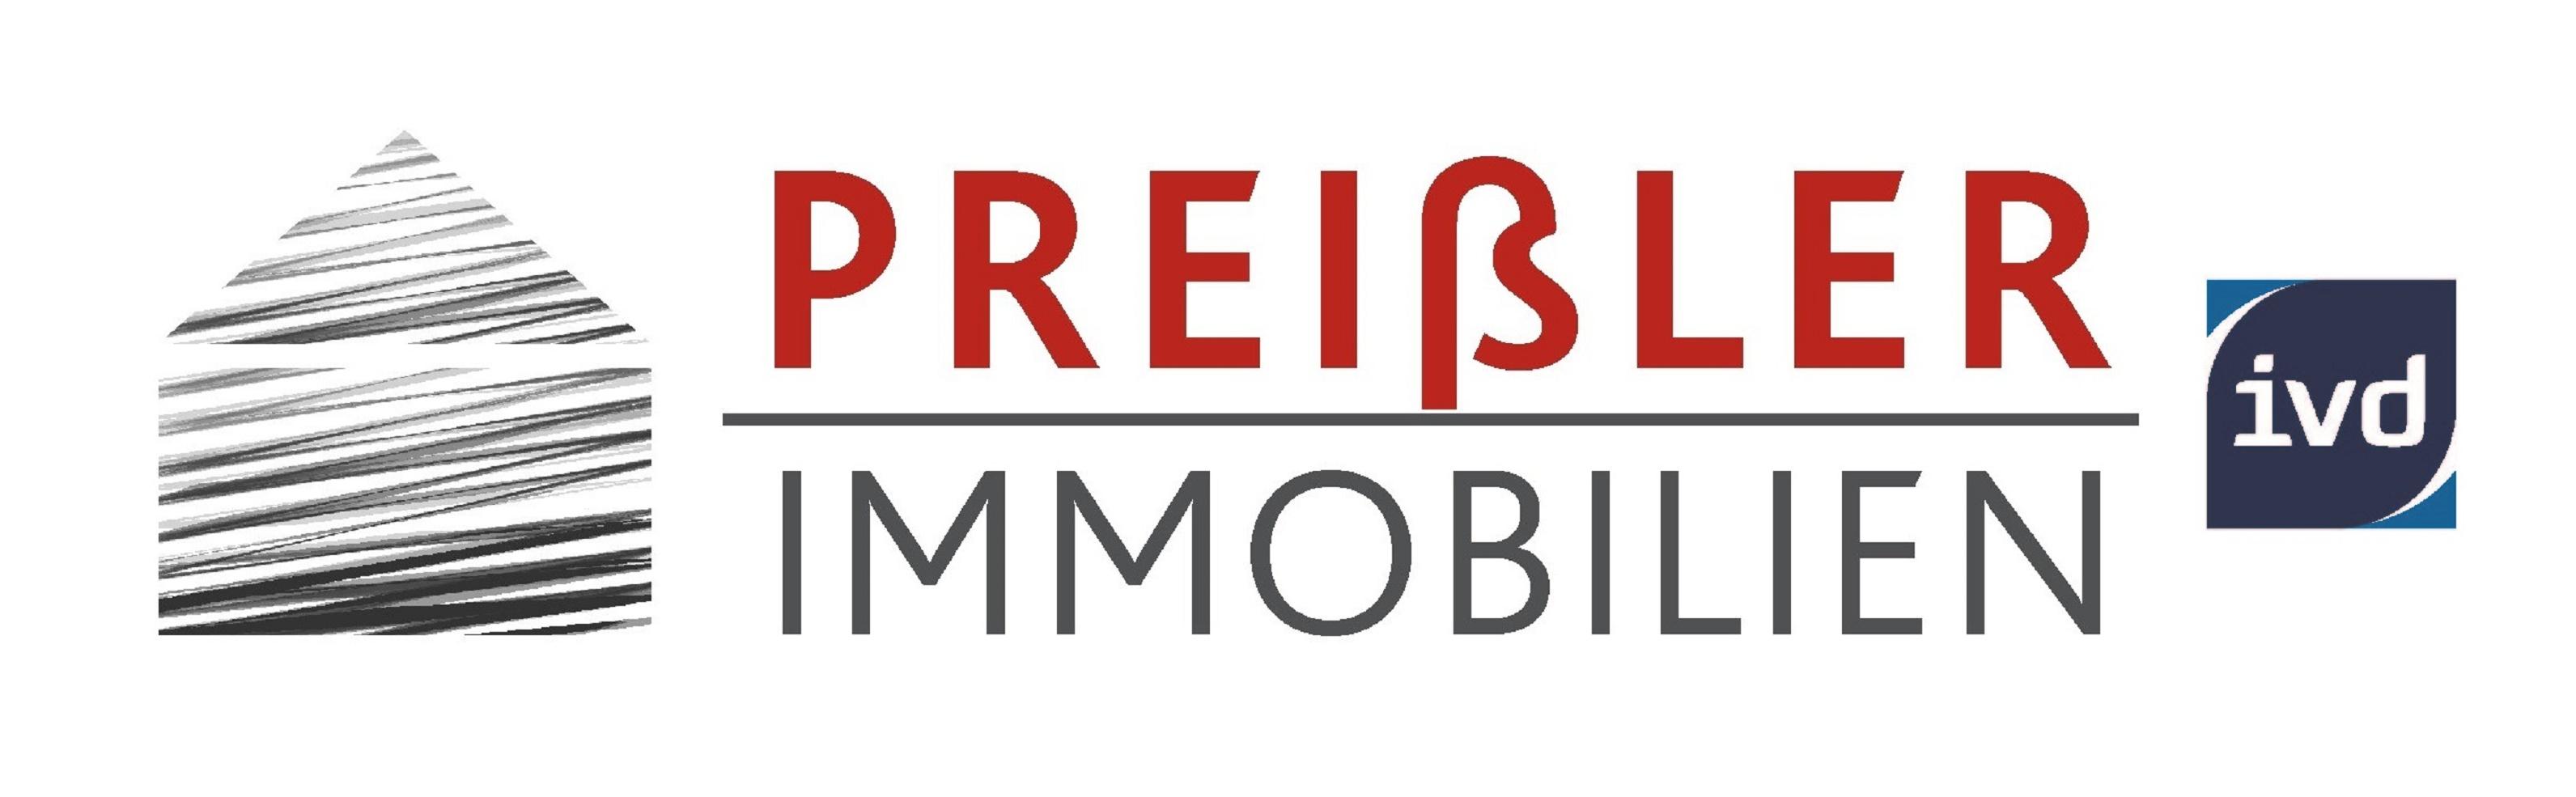 Hier sehen Sie das Logo von Preißler Immobilien